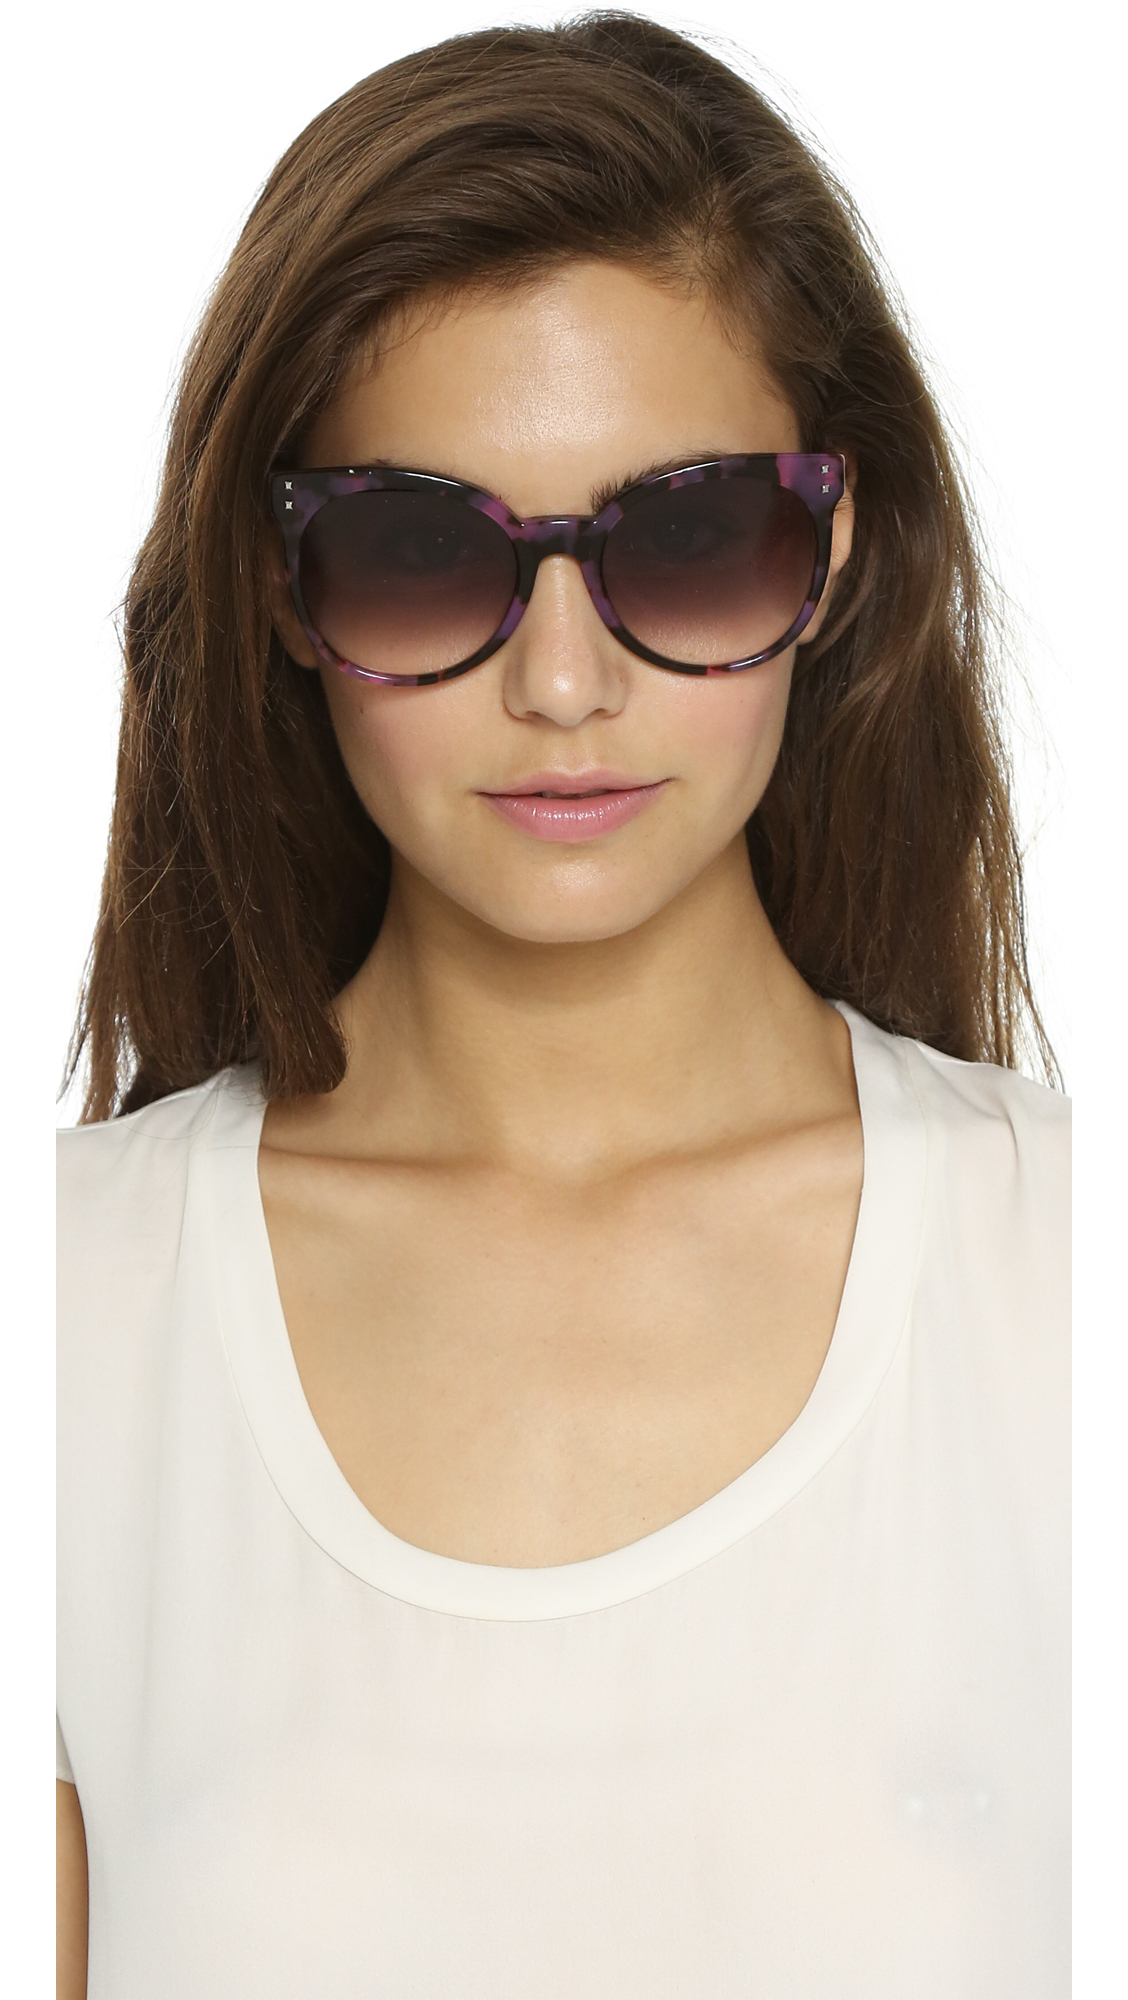 e51b5c529656 Fendi Block Stripe Round Sunglasses - Havana Biege Aqua/grey in ...